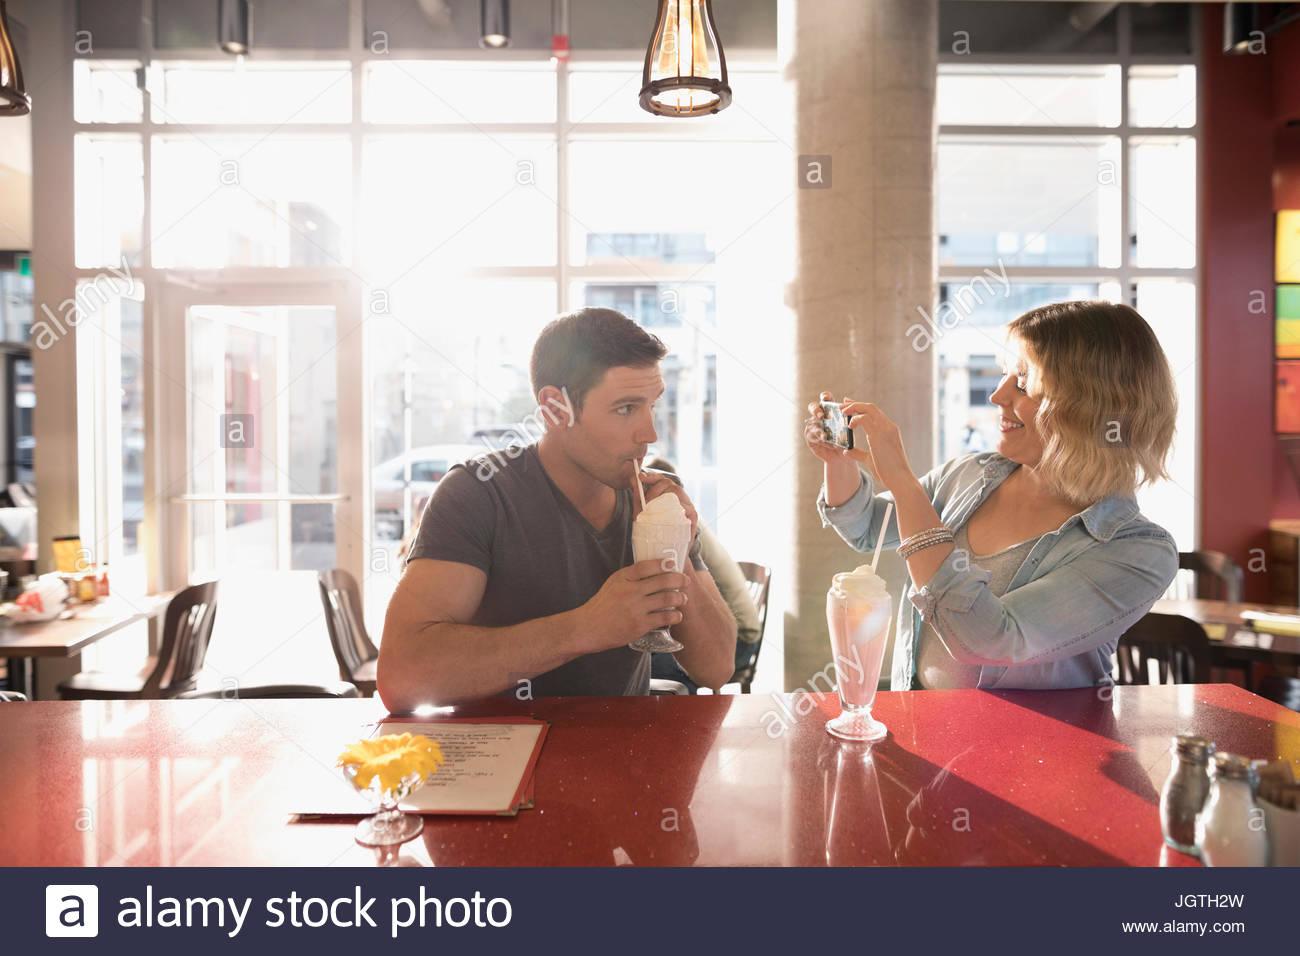 Petite amie avec téléphone appareil photo photographier copain boire à milkshake diner counter Photo Stock